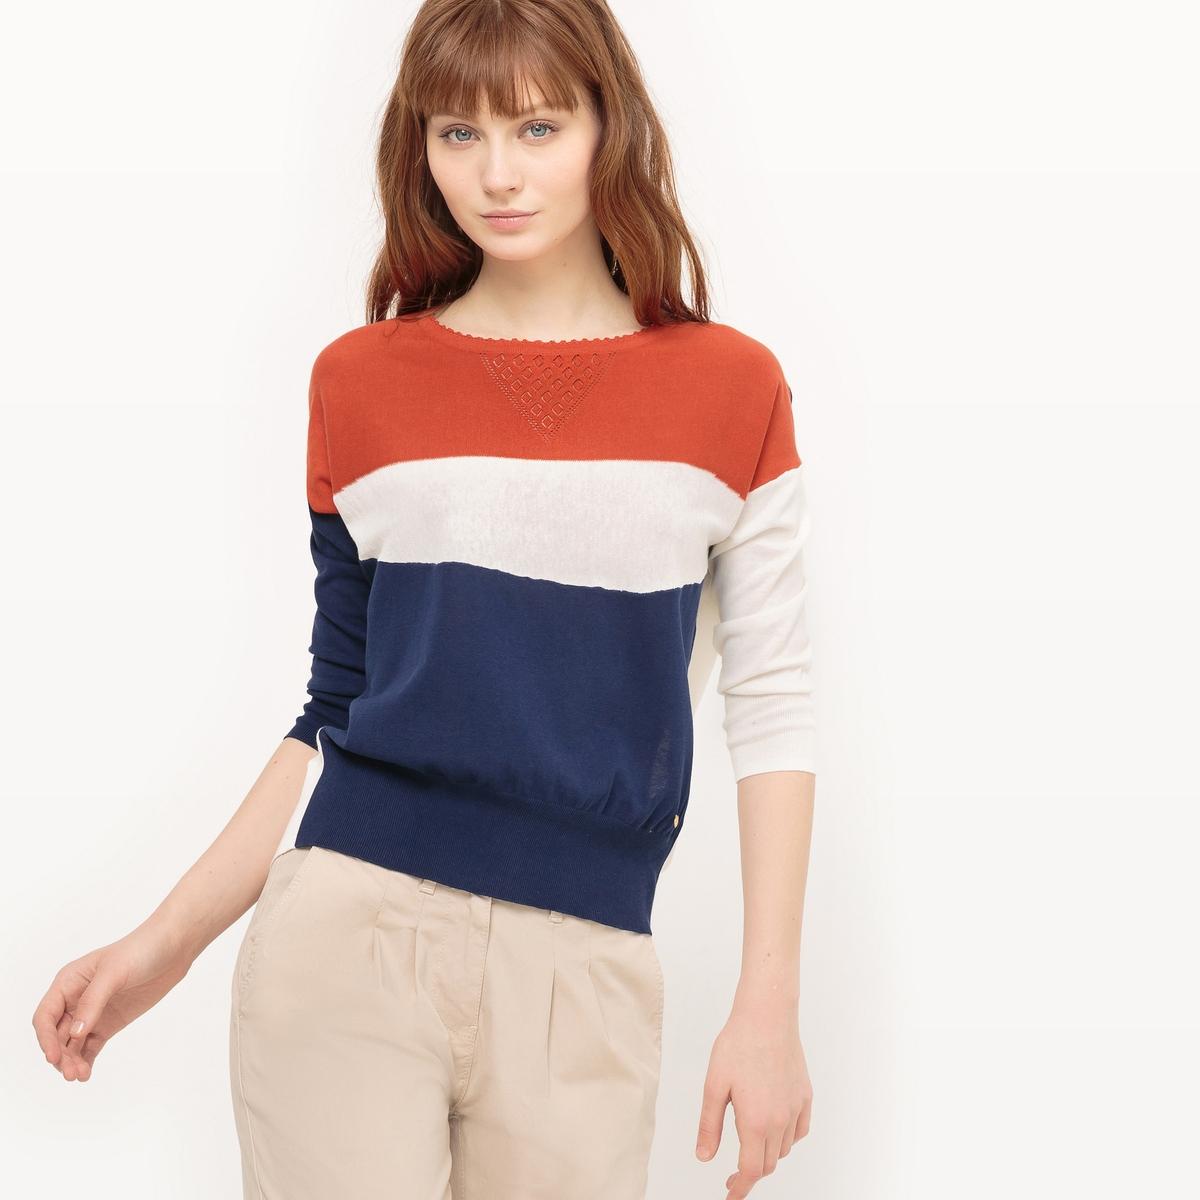 Пуловер с круглым вырезом из хлопкаМатериал : 100% хлопок Длина рукава : длинные рукава Форма воротника : круглый вырез Покрой пуловера : стандартный Рисунок : в полоску<br><br>Цвет: темно-синий/ оранжевый<br>Размер: M